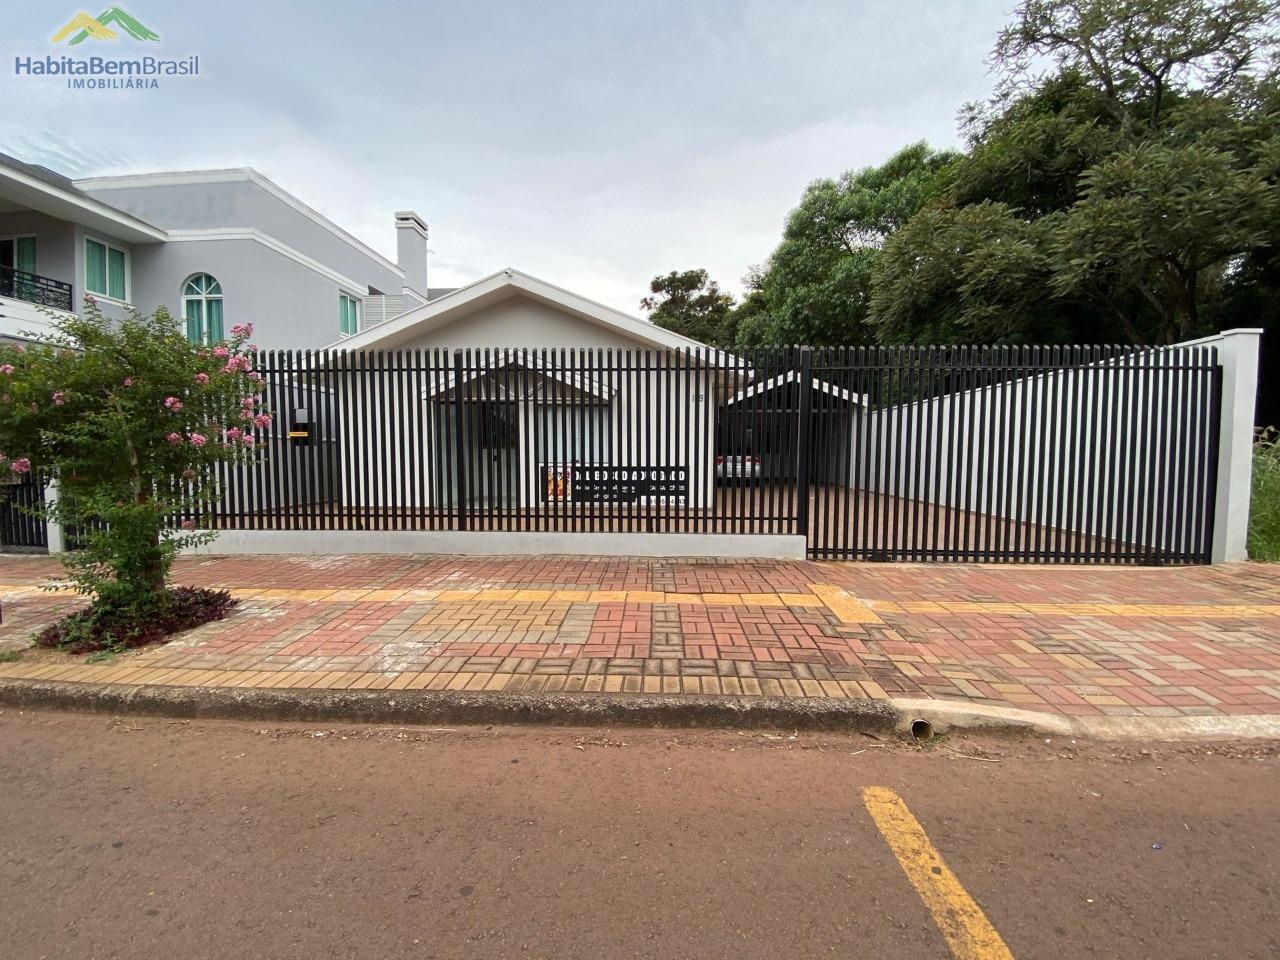 Casa com 3 dormitórios à venda, JARDIM PORTO ALEGRE, TOLEDO - PR